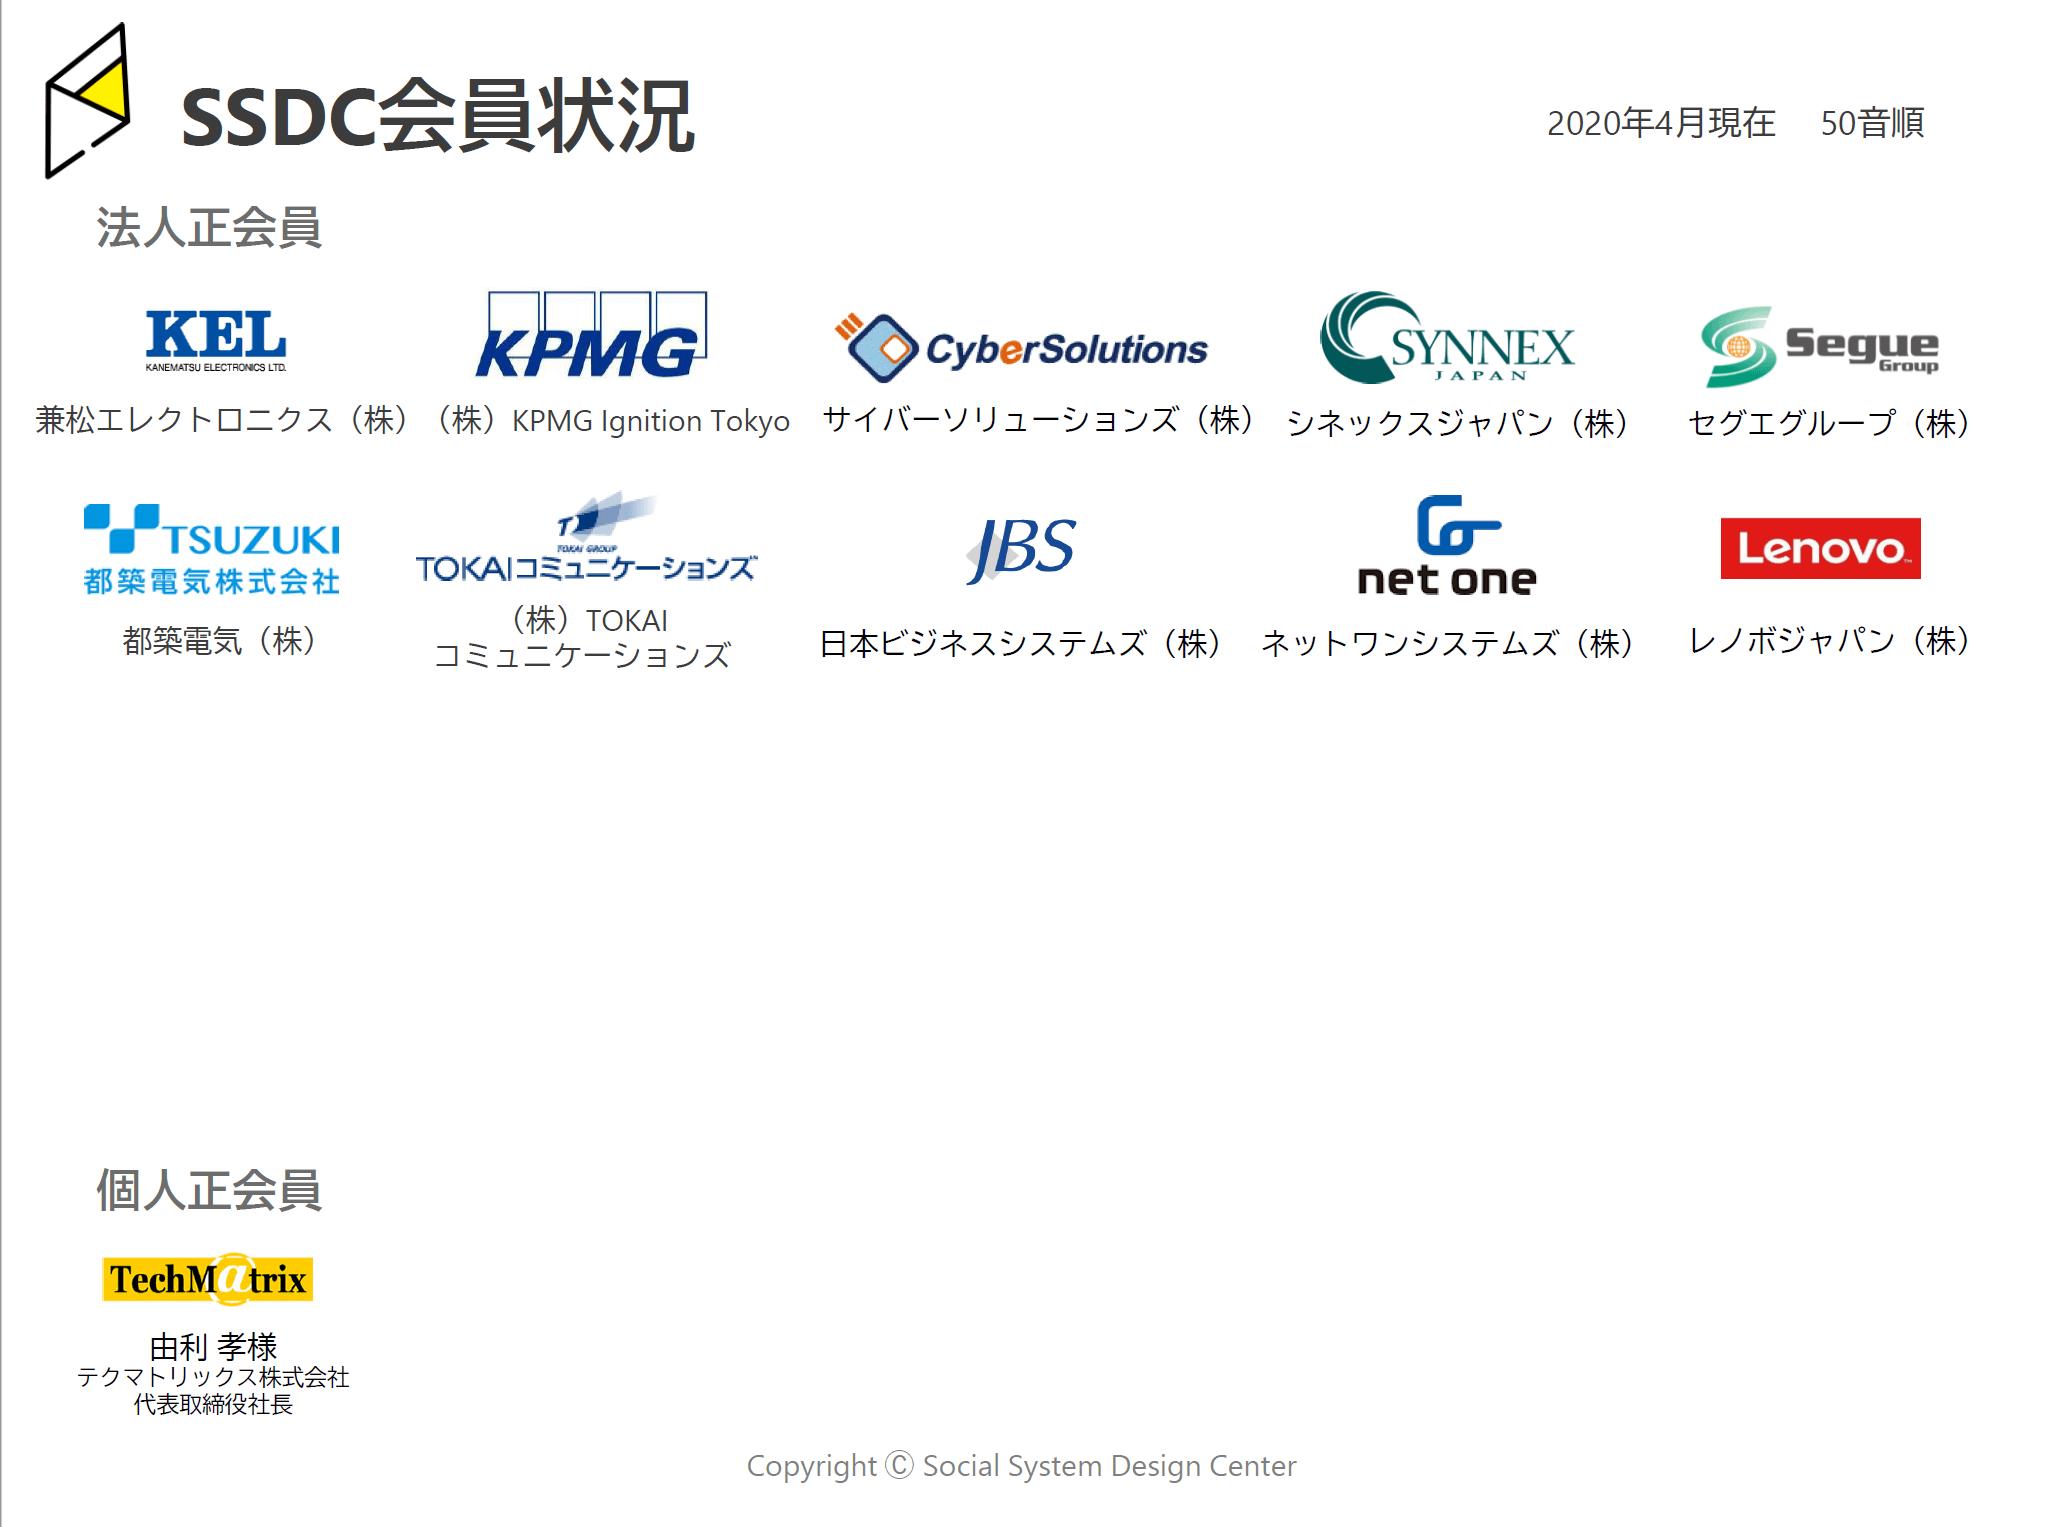 SSDC会員状況_v2.2